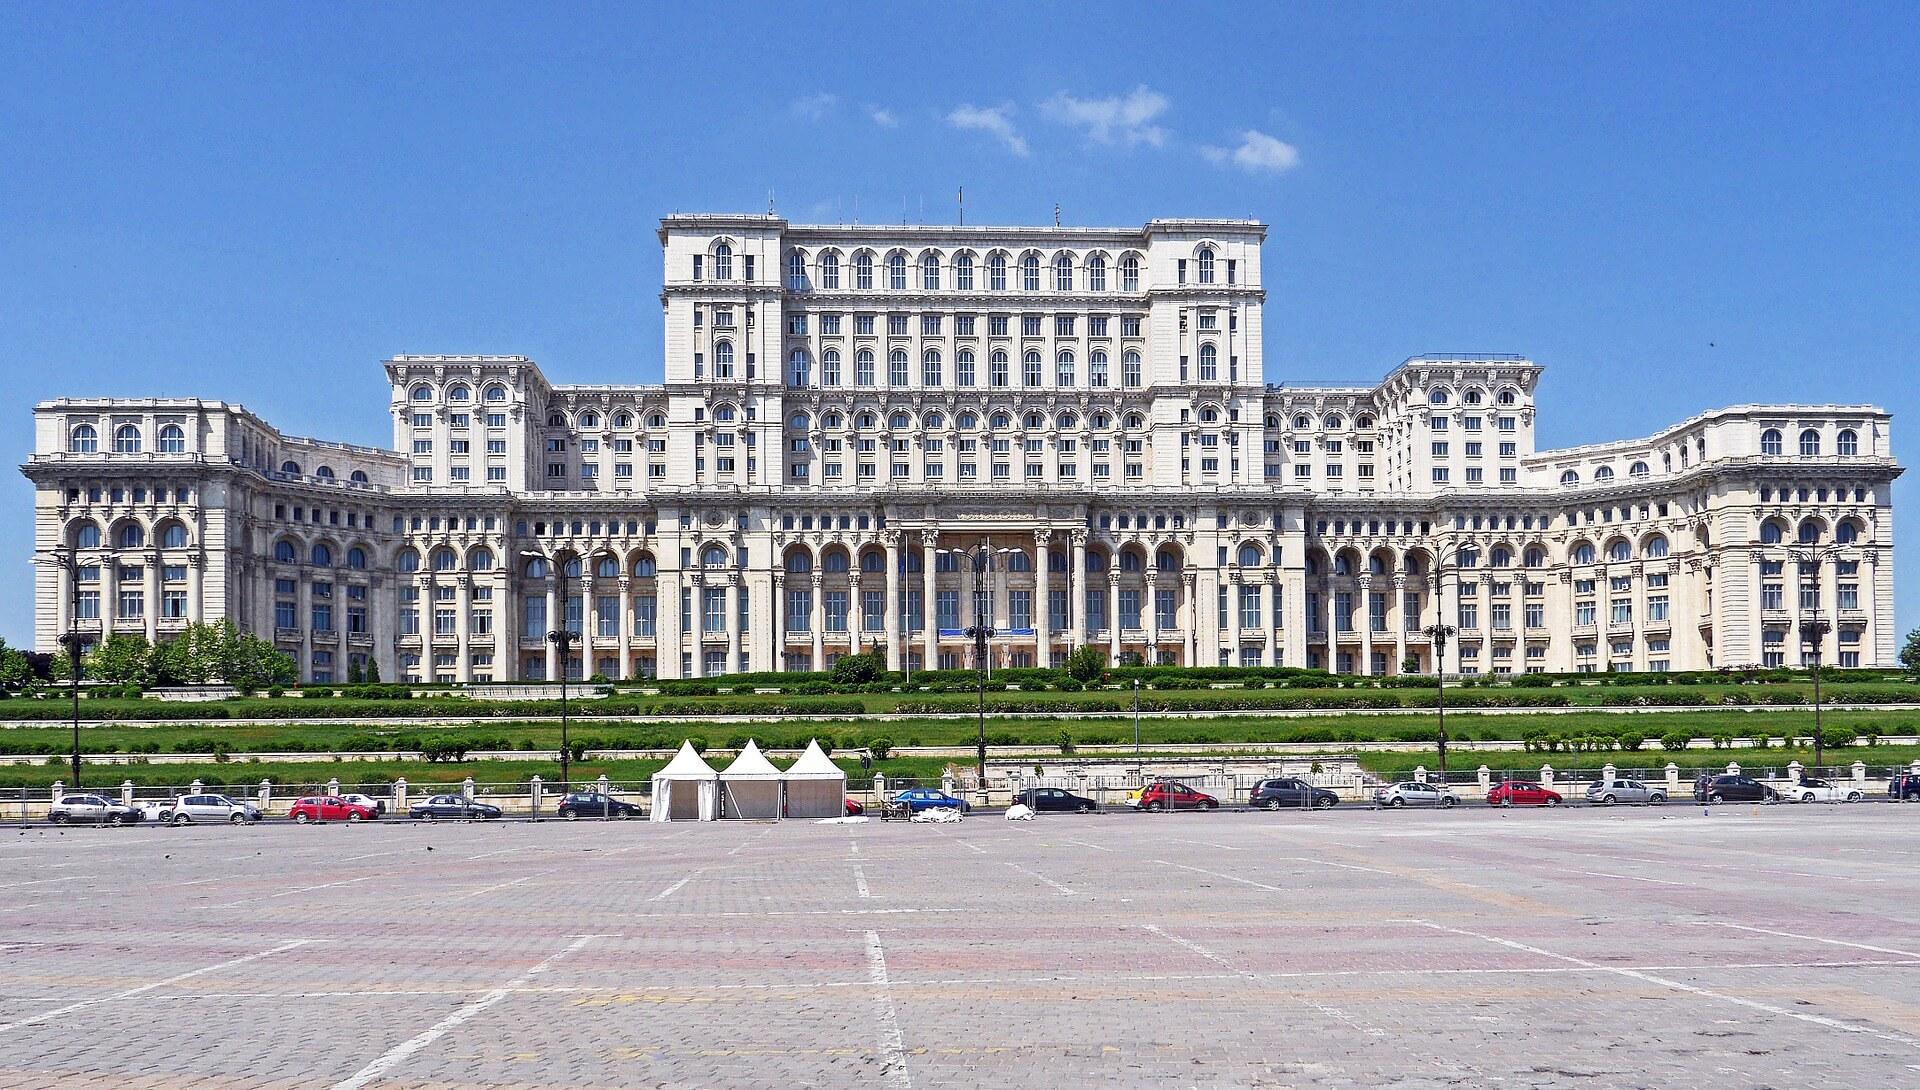 Direktflüge und Billigflüge nach Rumänien